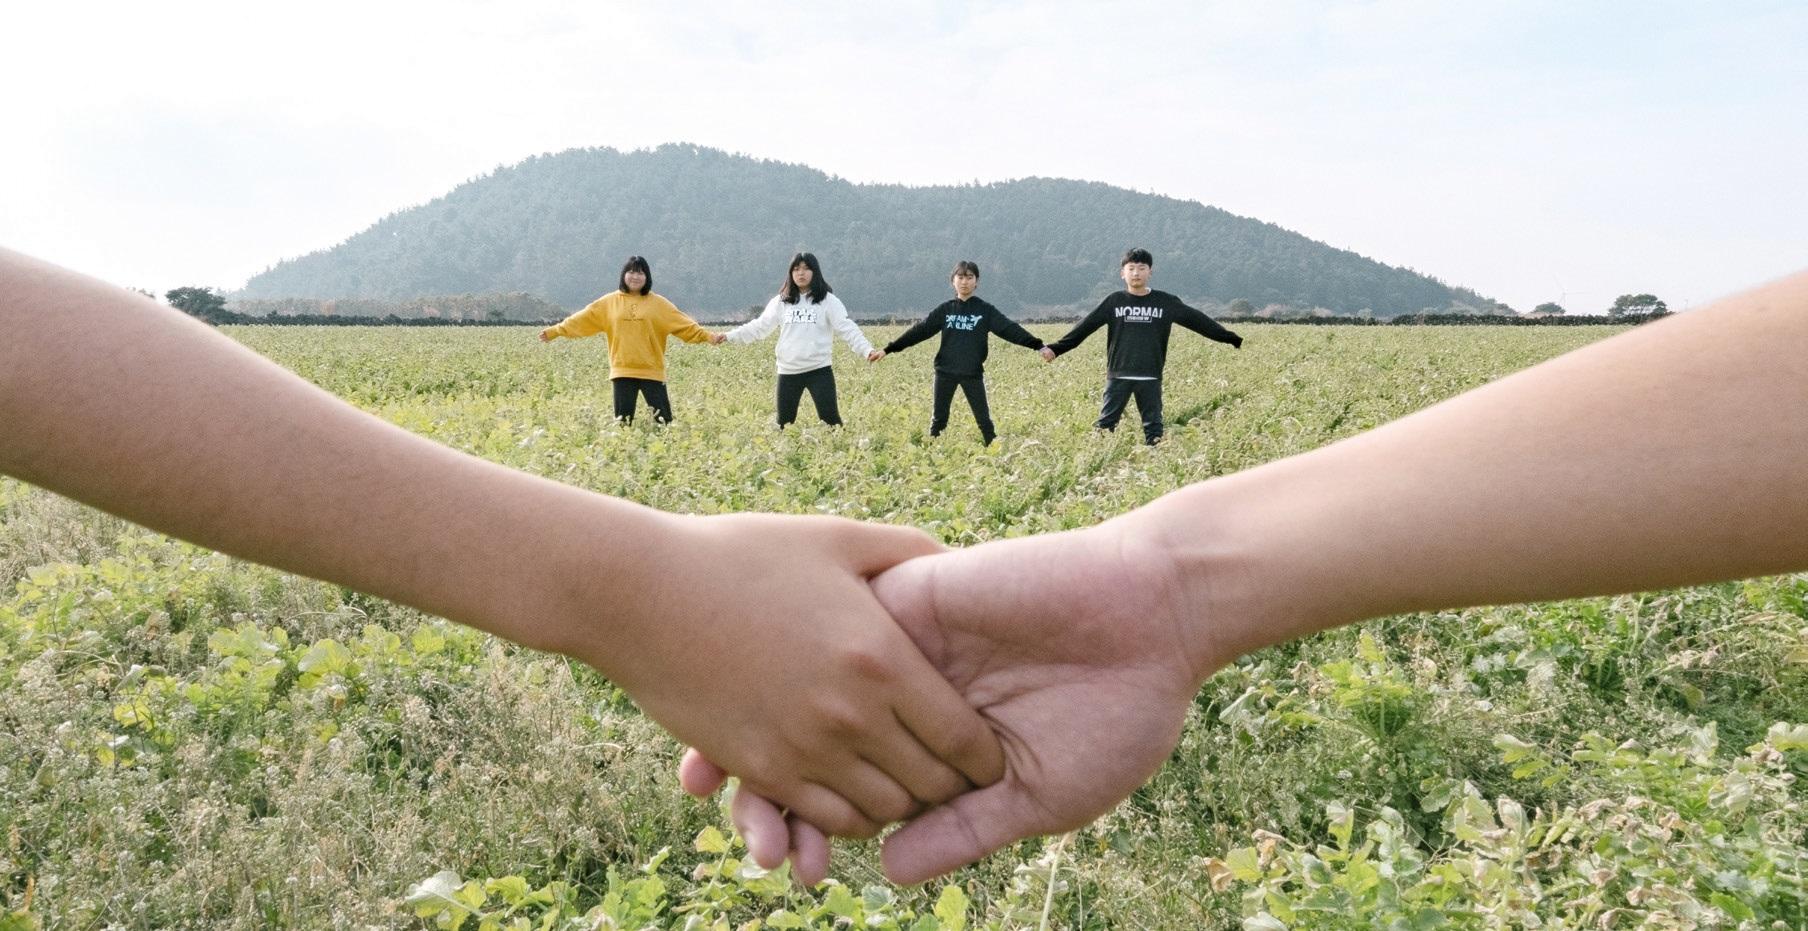 제주 보물섬학교 '아꼬운 방' 학생들이 서귀포 성산읍에 위치한 유건에오름을 찾아 손을 맞잡고 각자 바람을 말하고 있다.